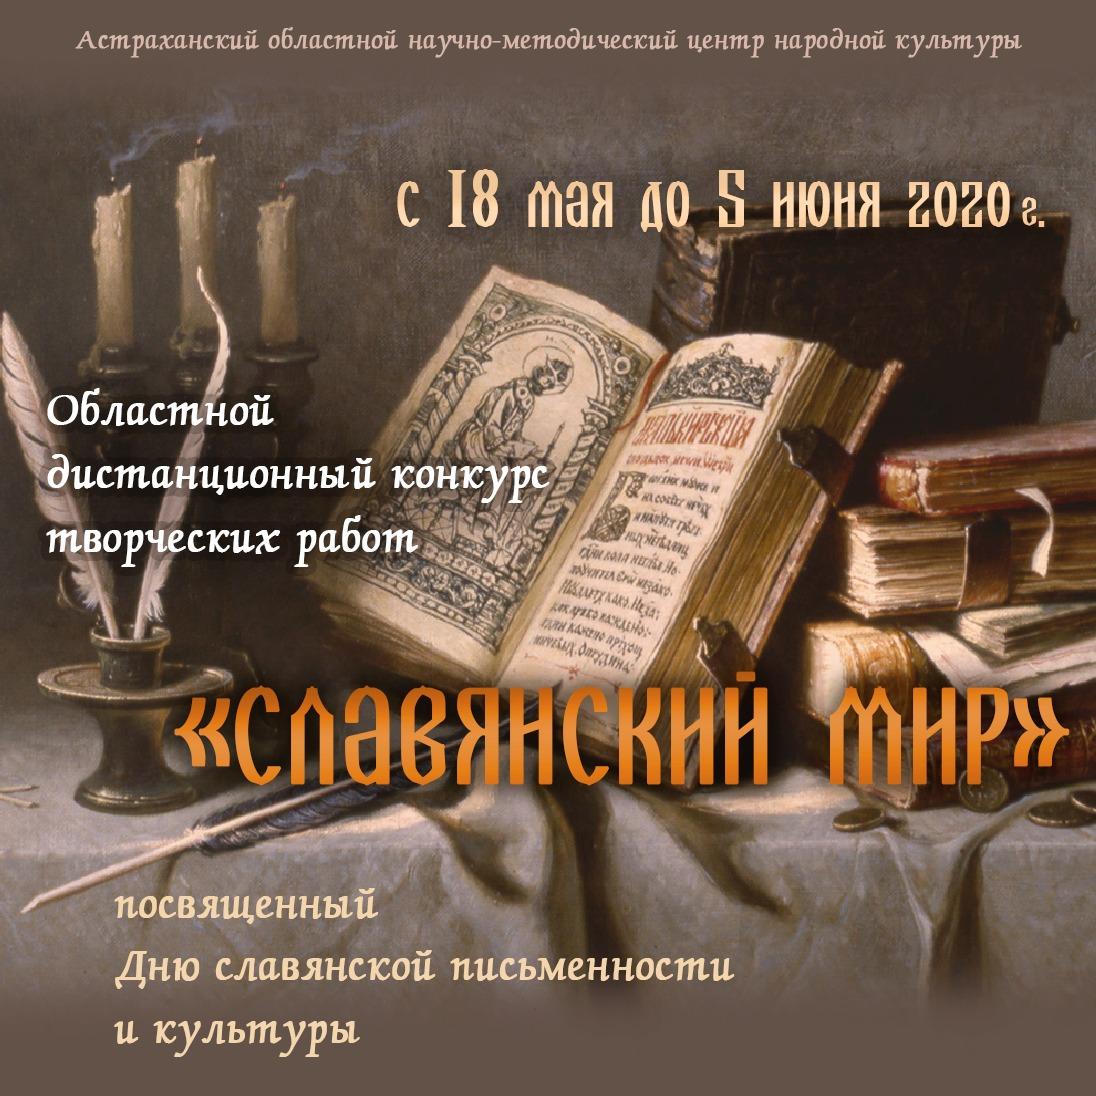 В Астраханской области стартовал онлайн-конкурс «Славянский мир»